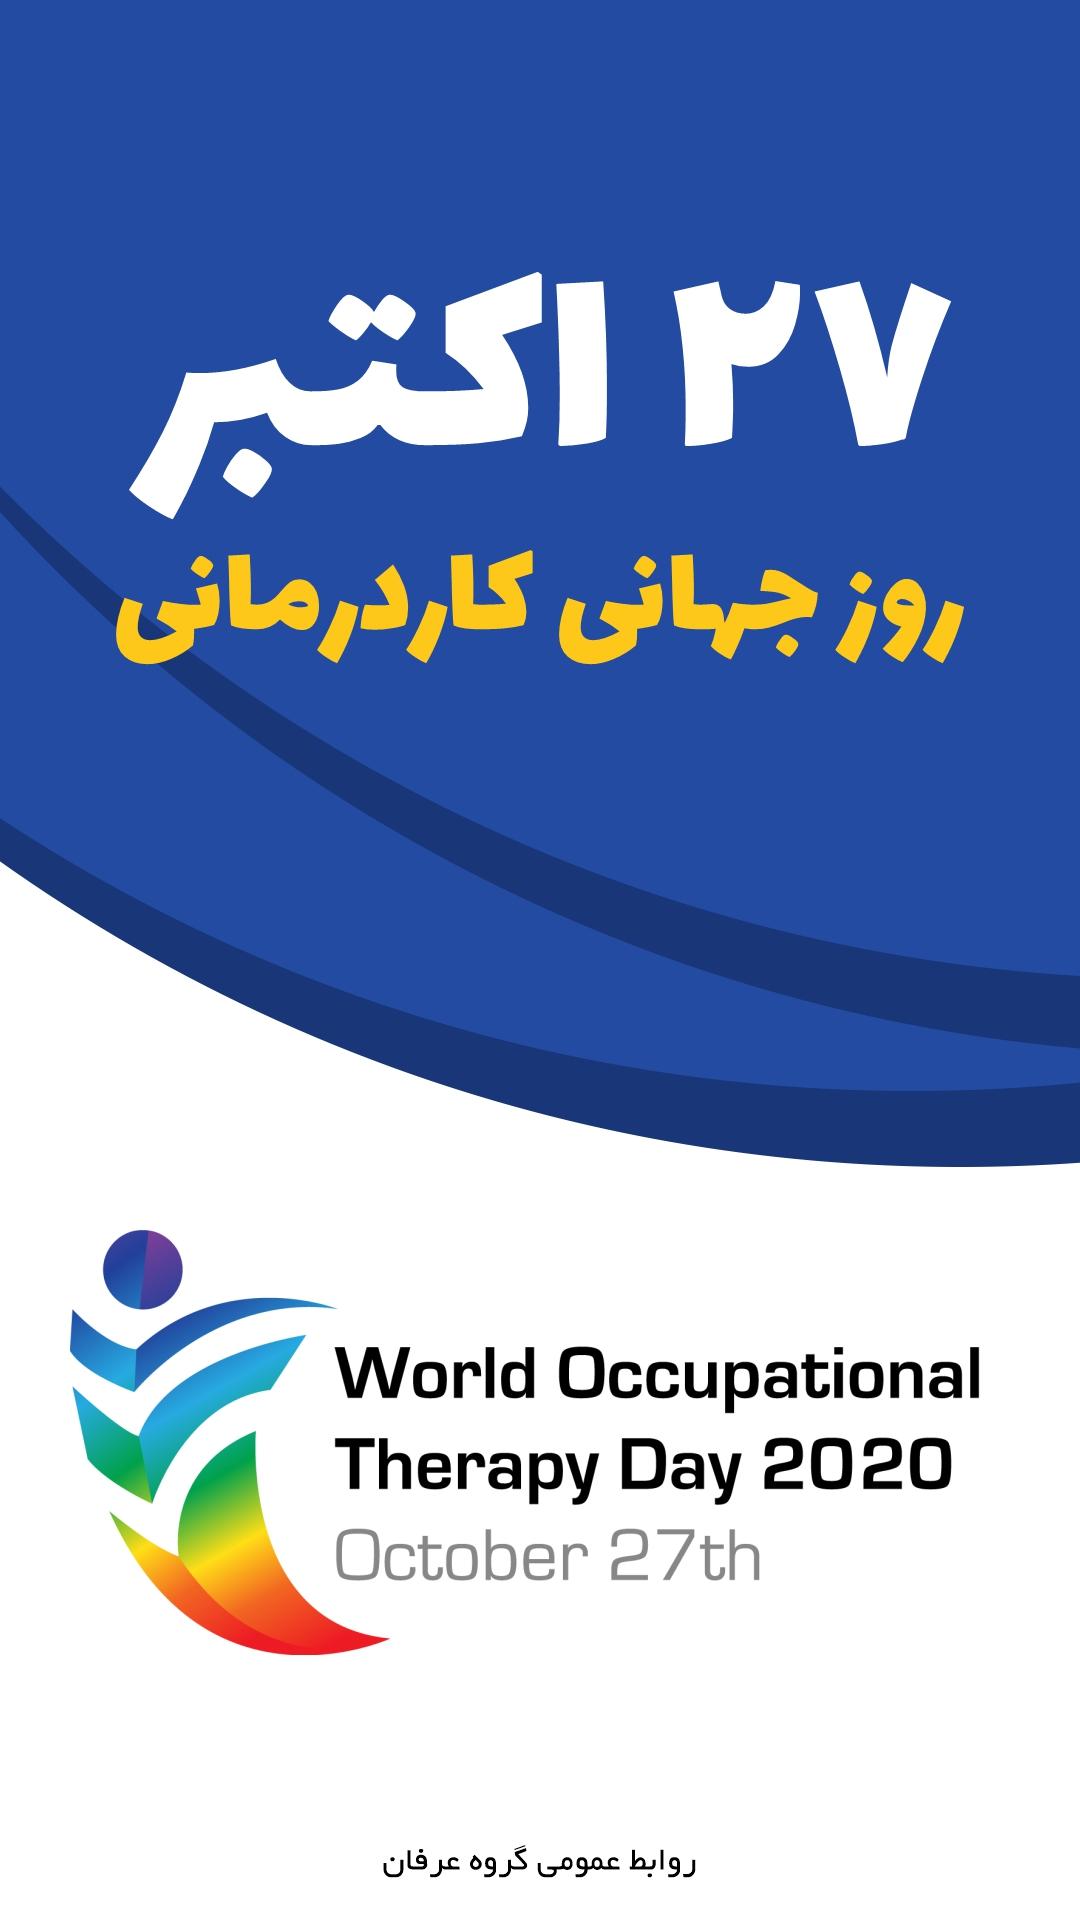 روز جهانی کار درمانی